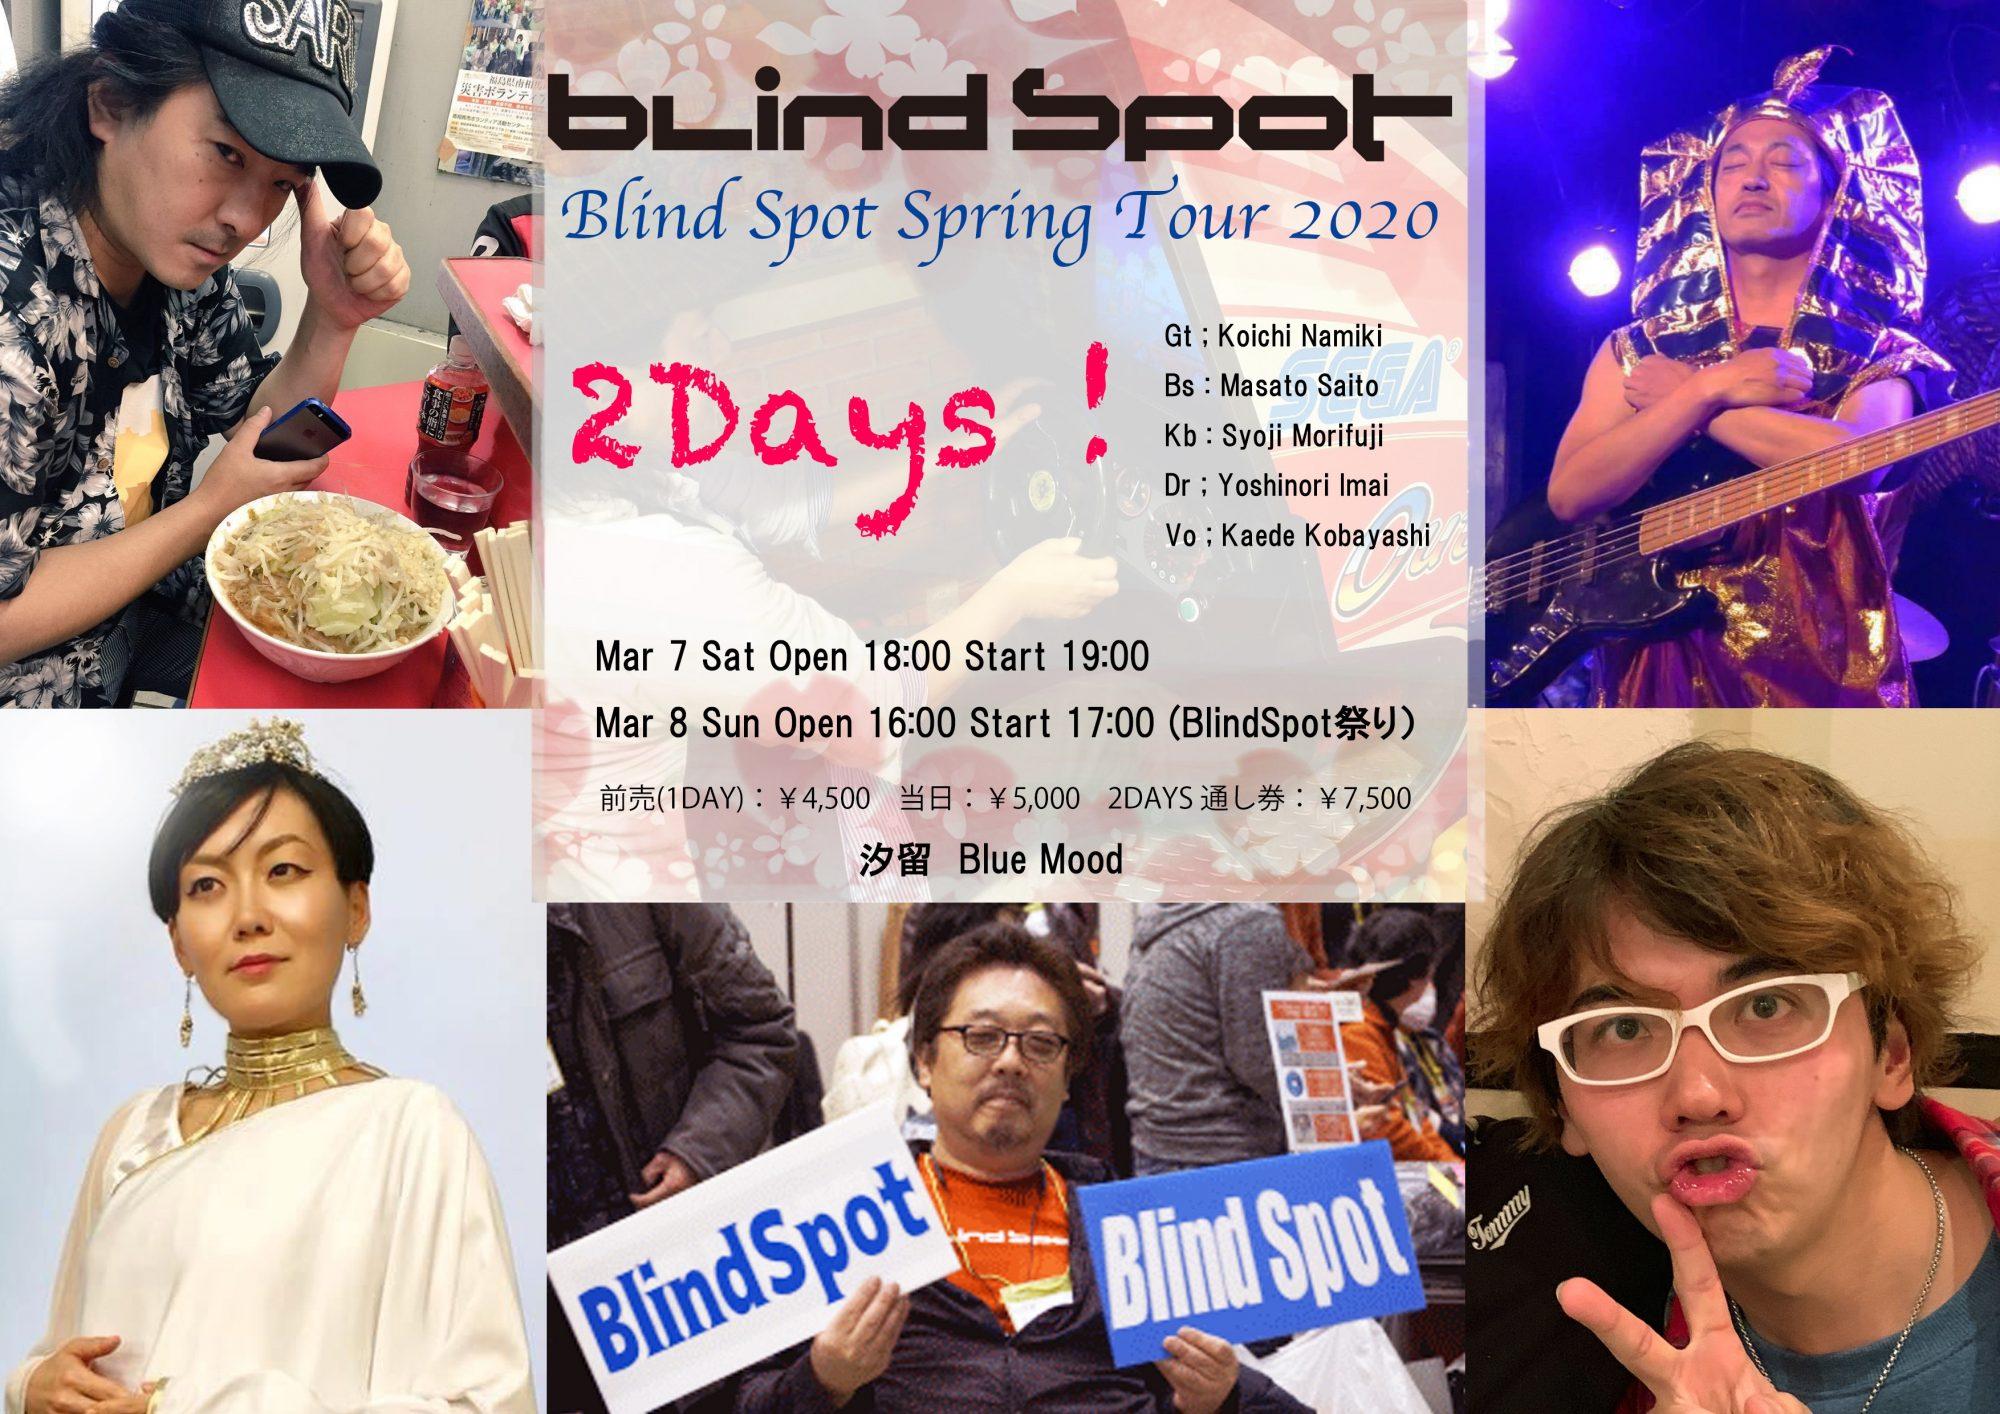 BlindSpot Spring Tour 2020